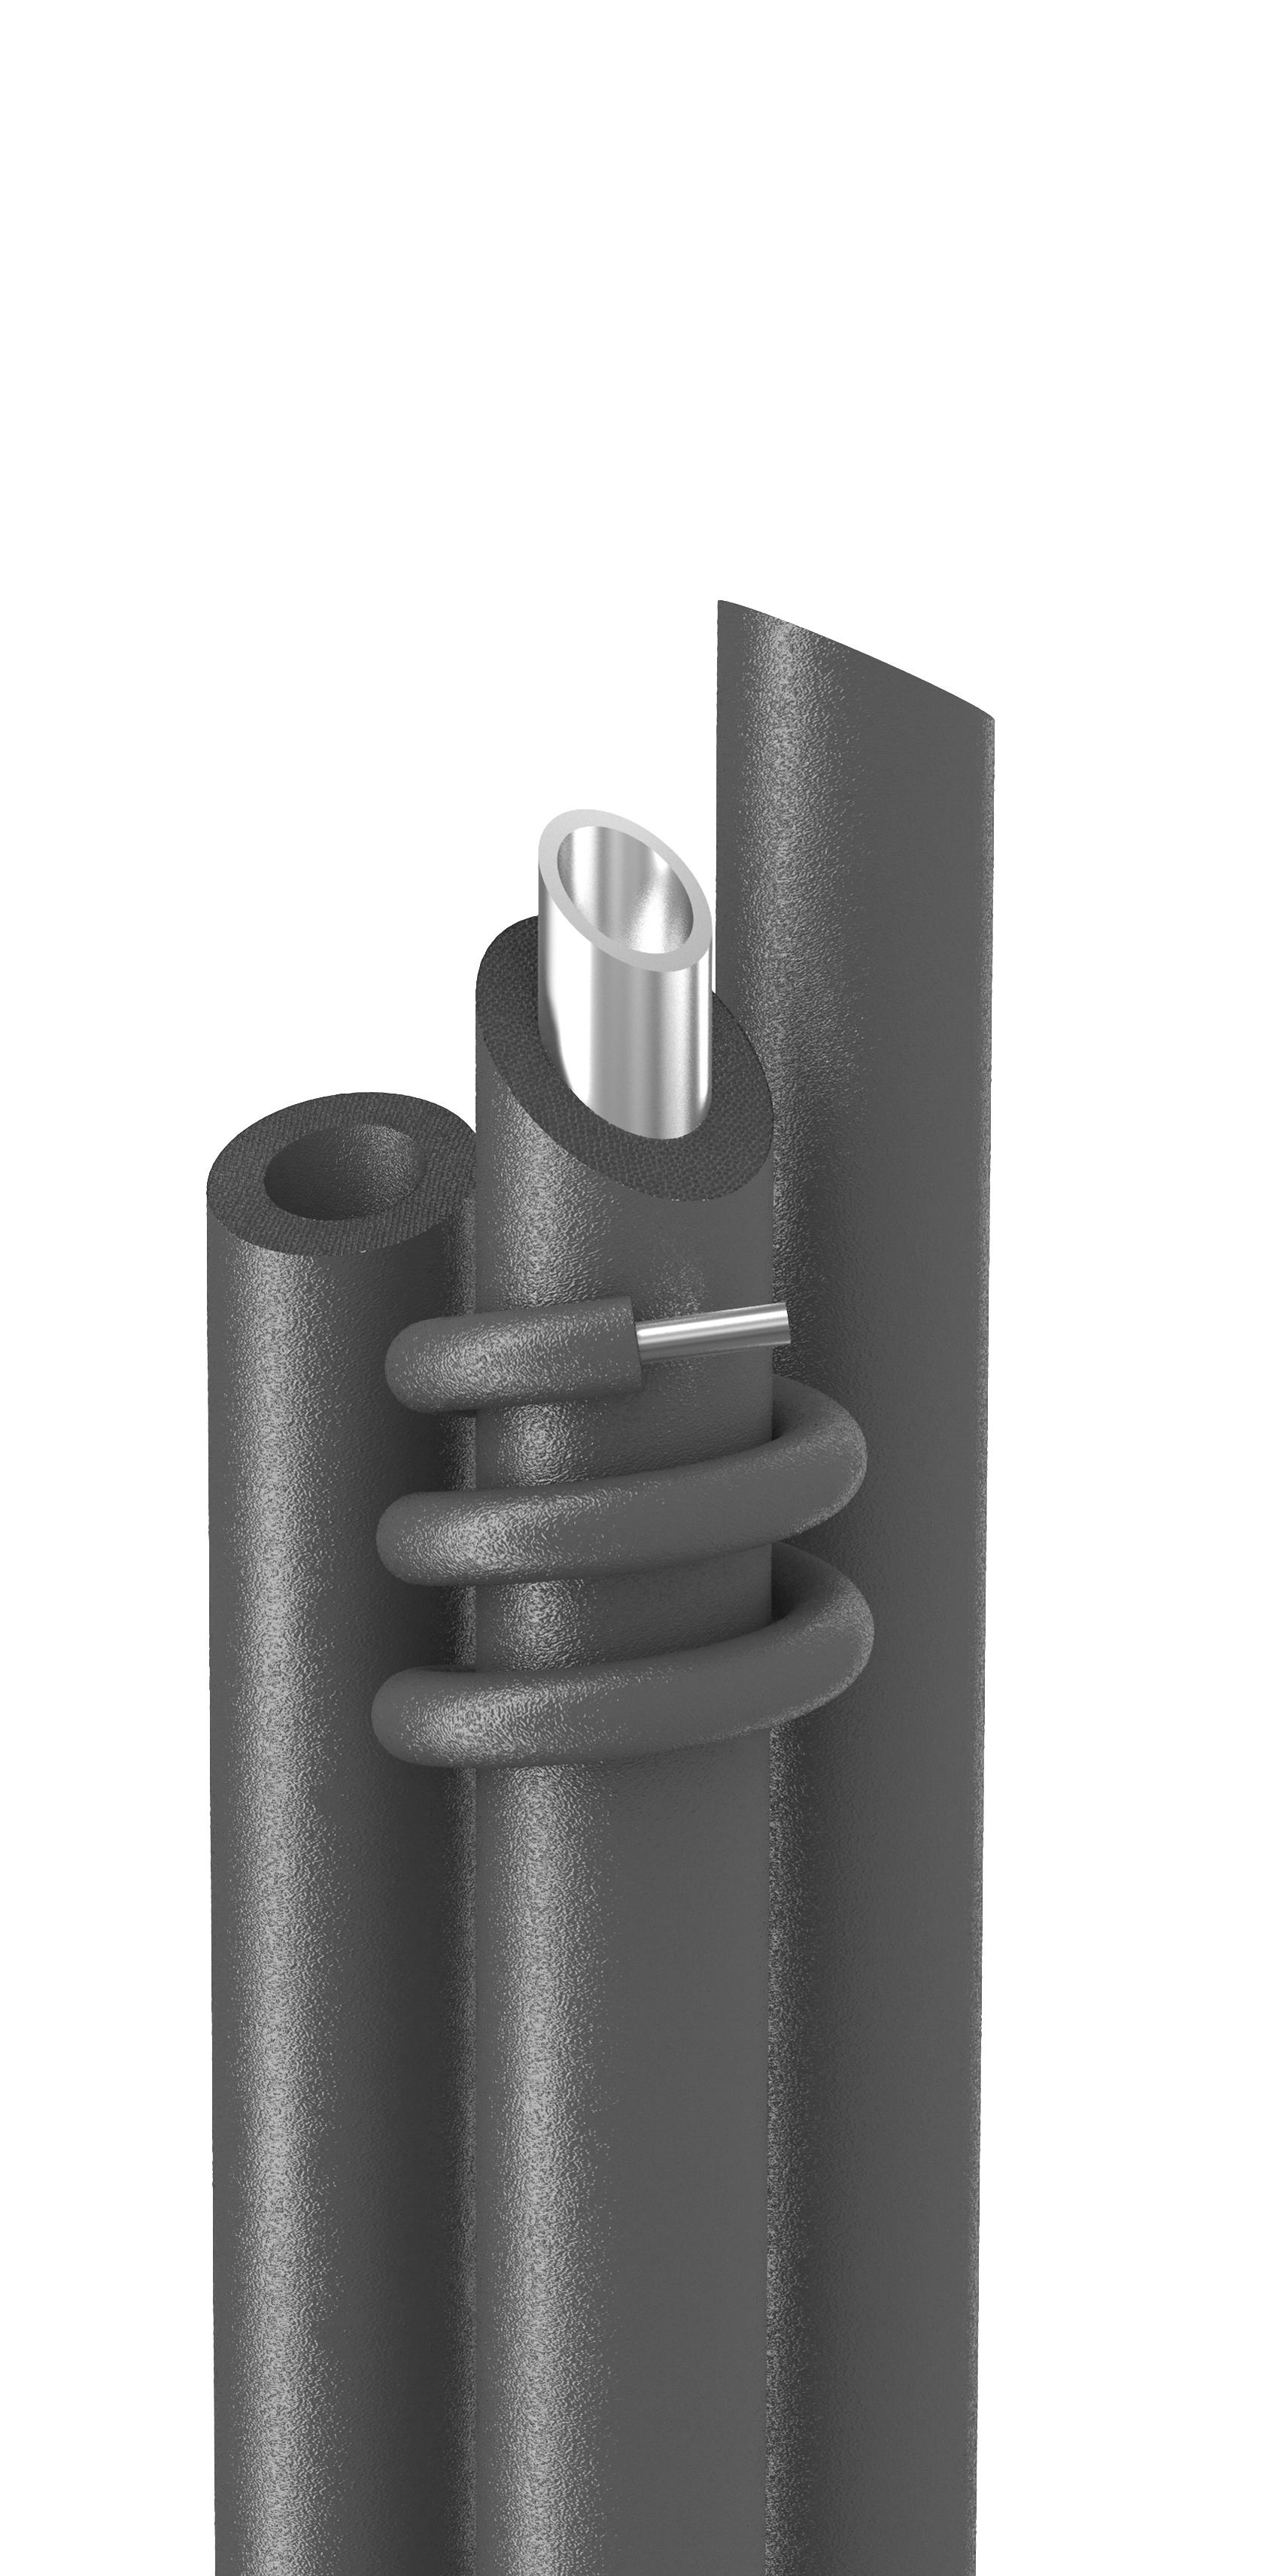 Трубки Energoflex толщ.9мм диам.54